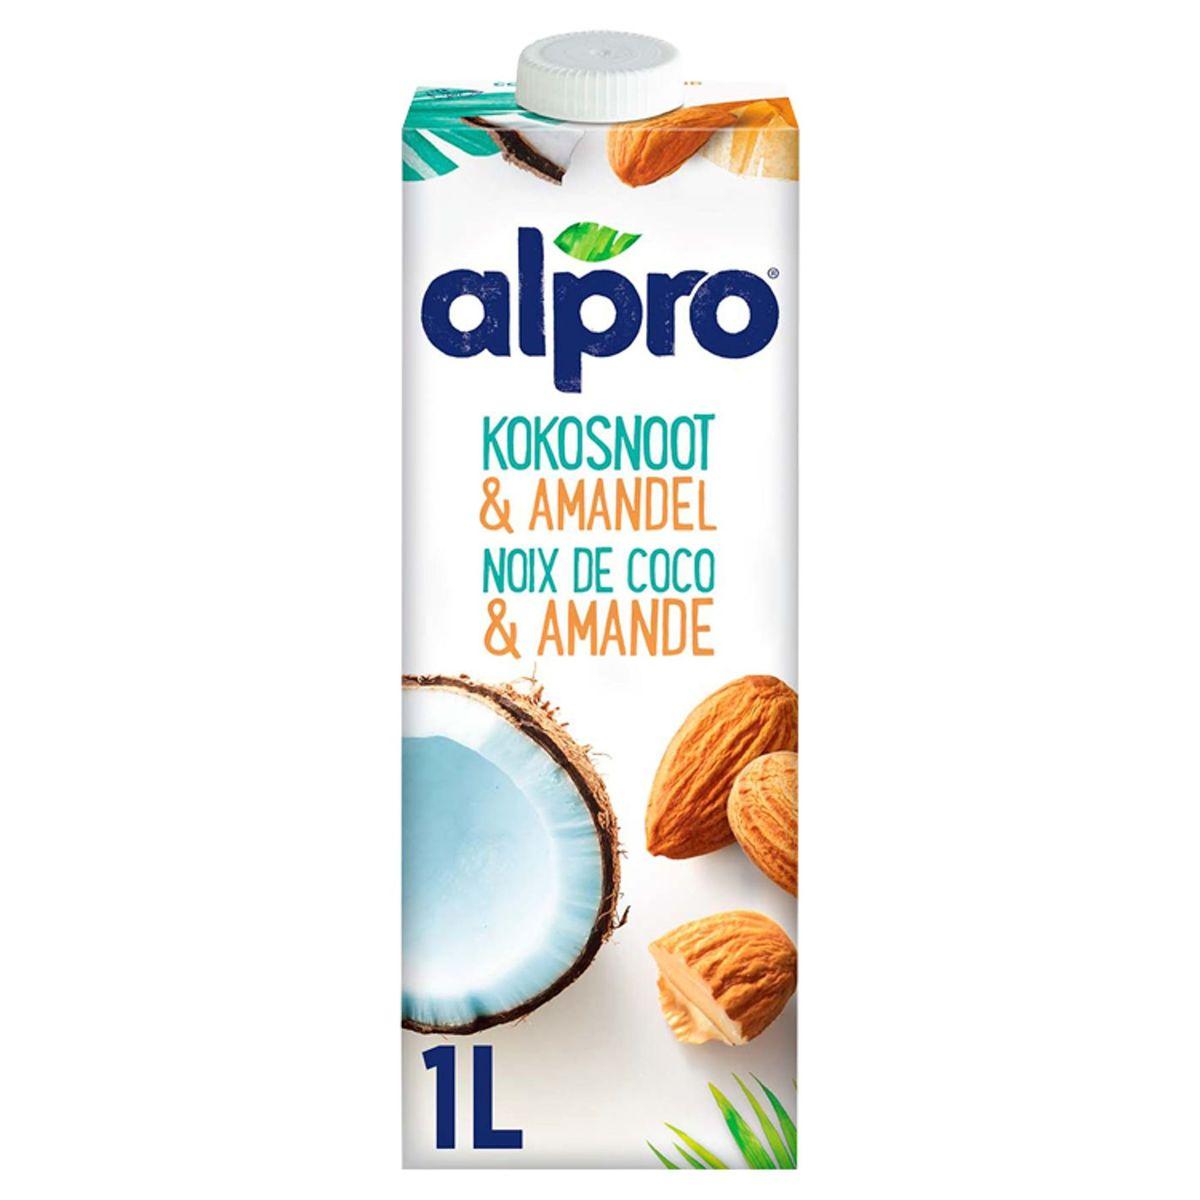 Alpro Boisson Noix de Coco-Amande 1 L